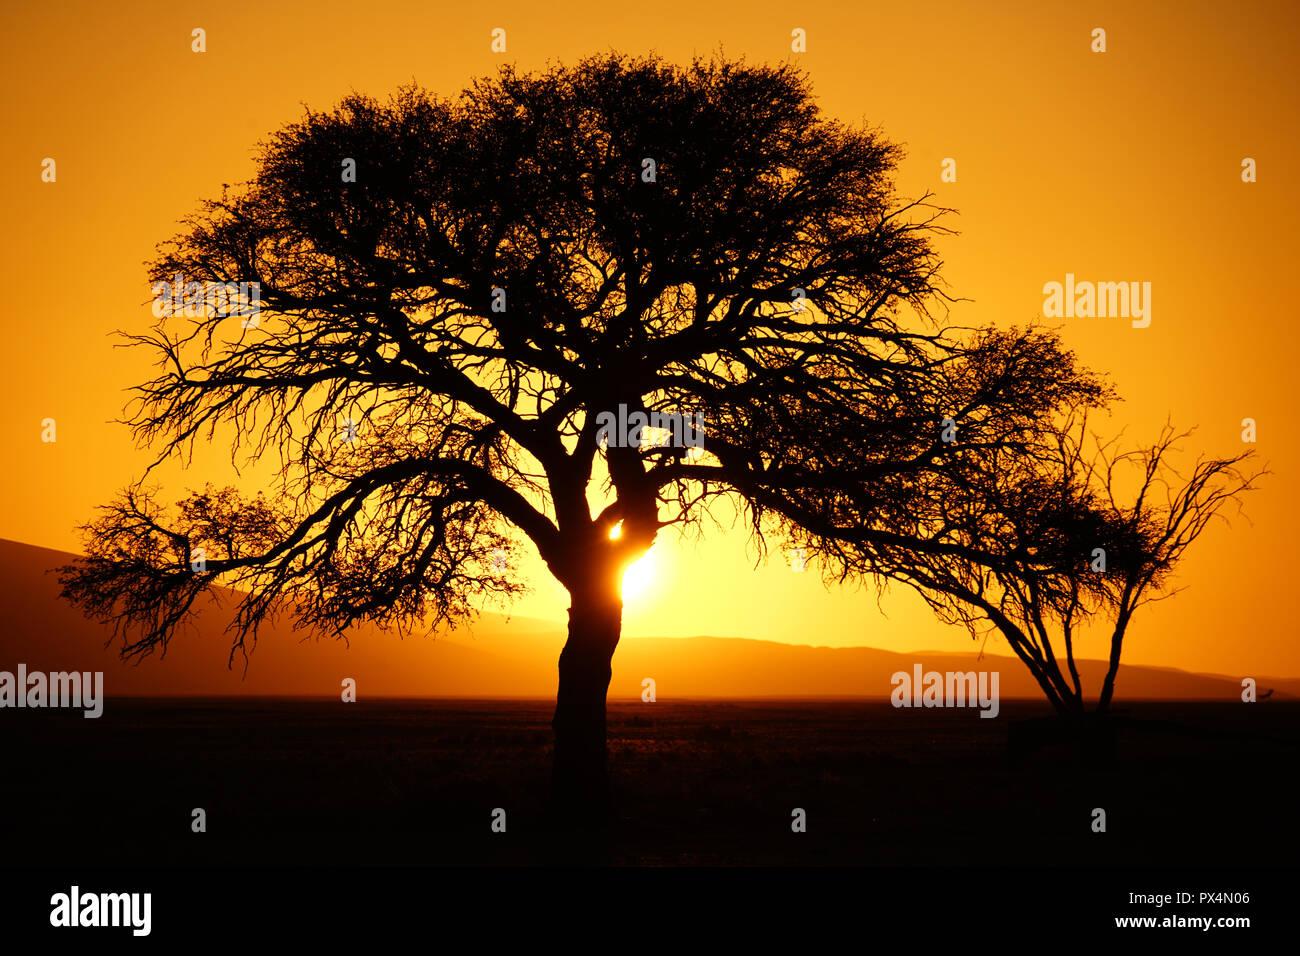 Sonnenuntergang, Kameldorn neben Düne 45, Namib-Dünenmeer, Namibia, Afrika - Stock Image